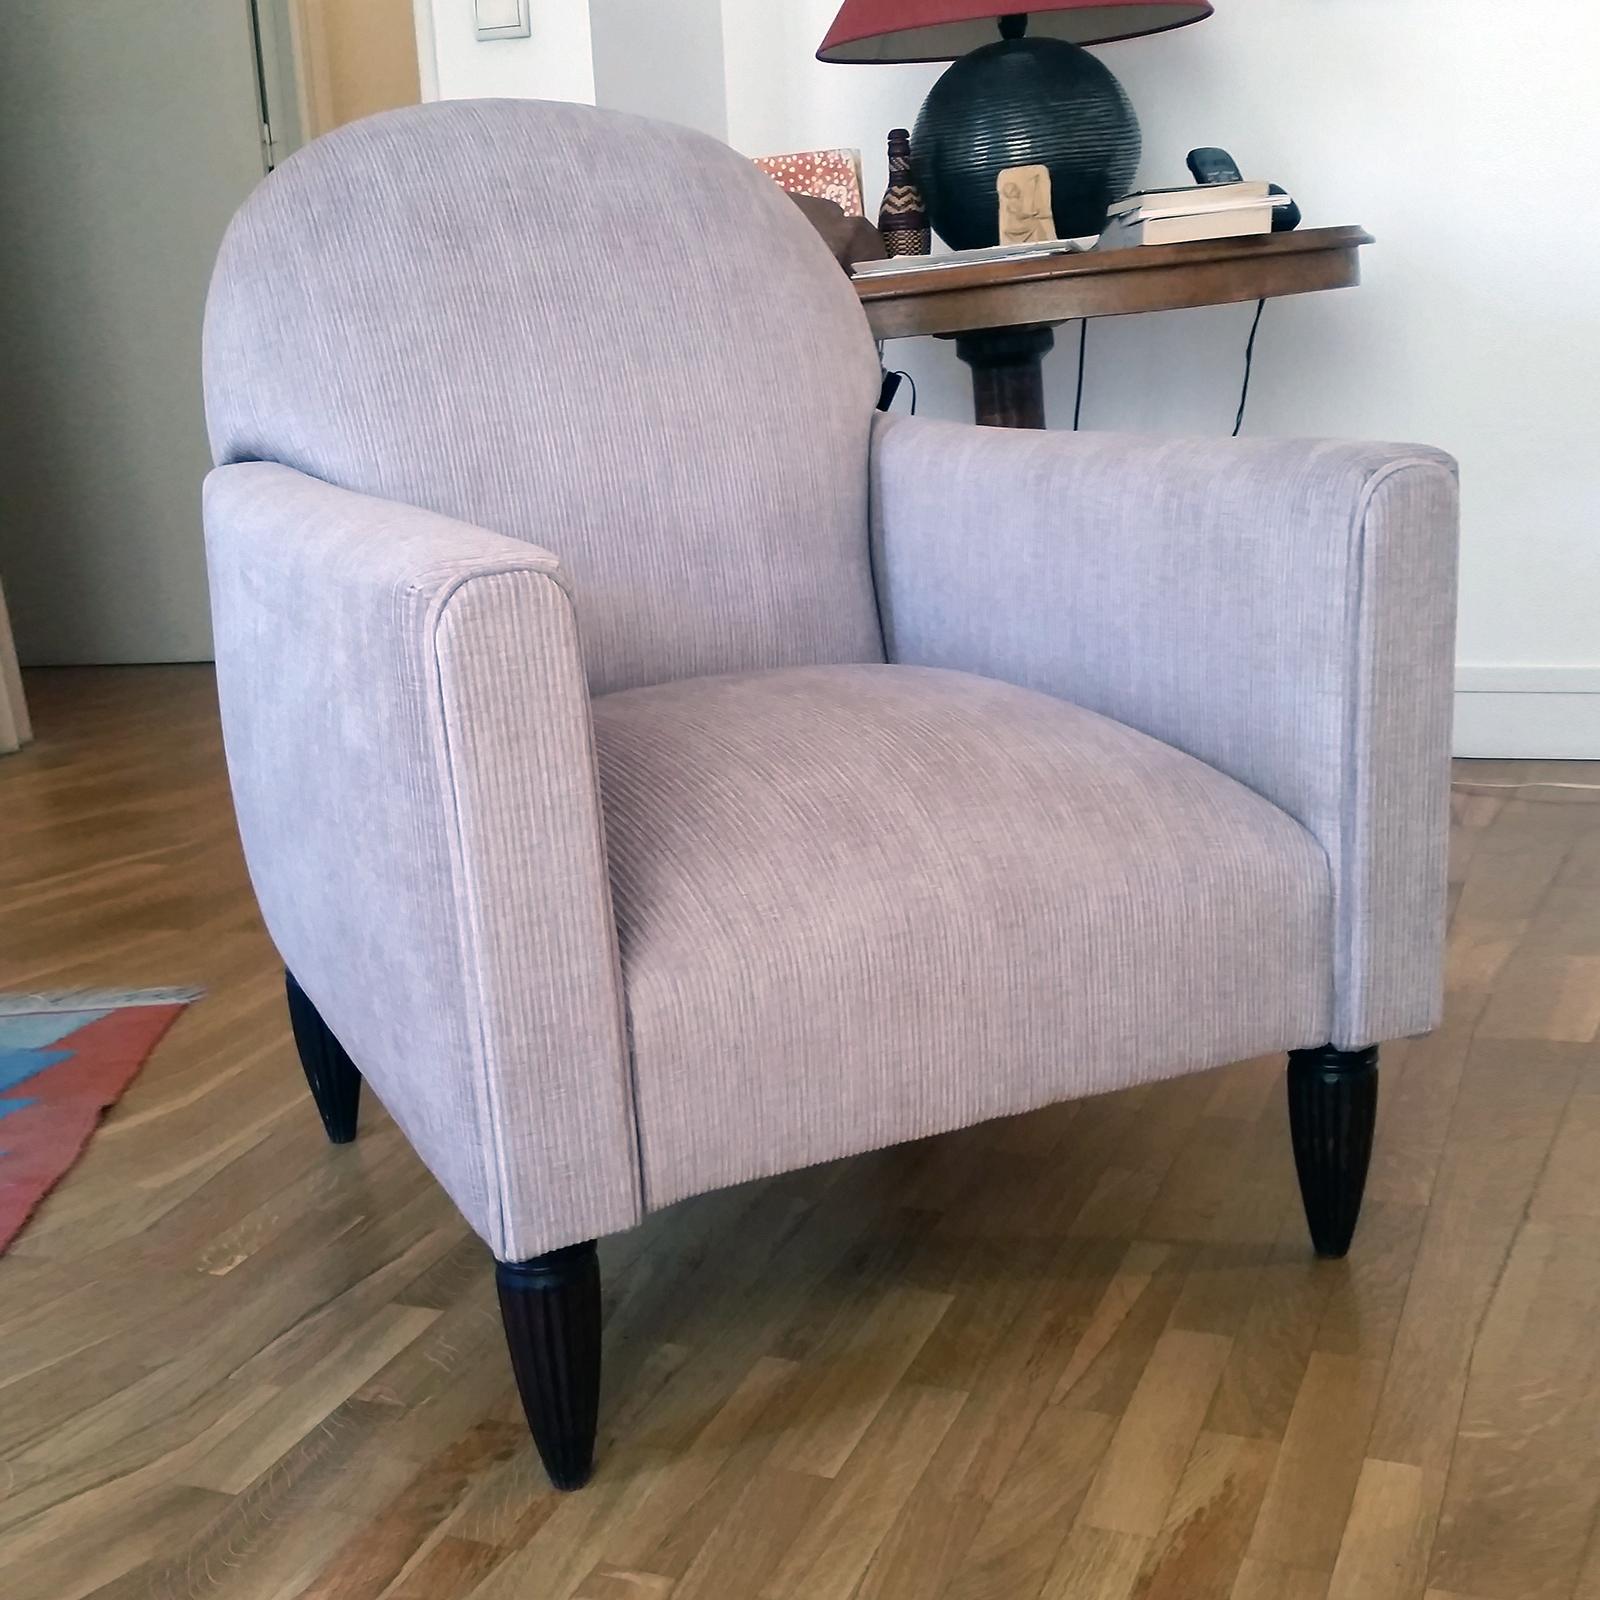 avant apr s fauteuil ann es 20 dossier inclinable atelier velvet artisan tapissier paris 10e. Black Bedroom Furniture Sets. Home Design Ideas